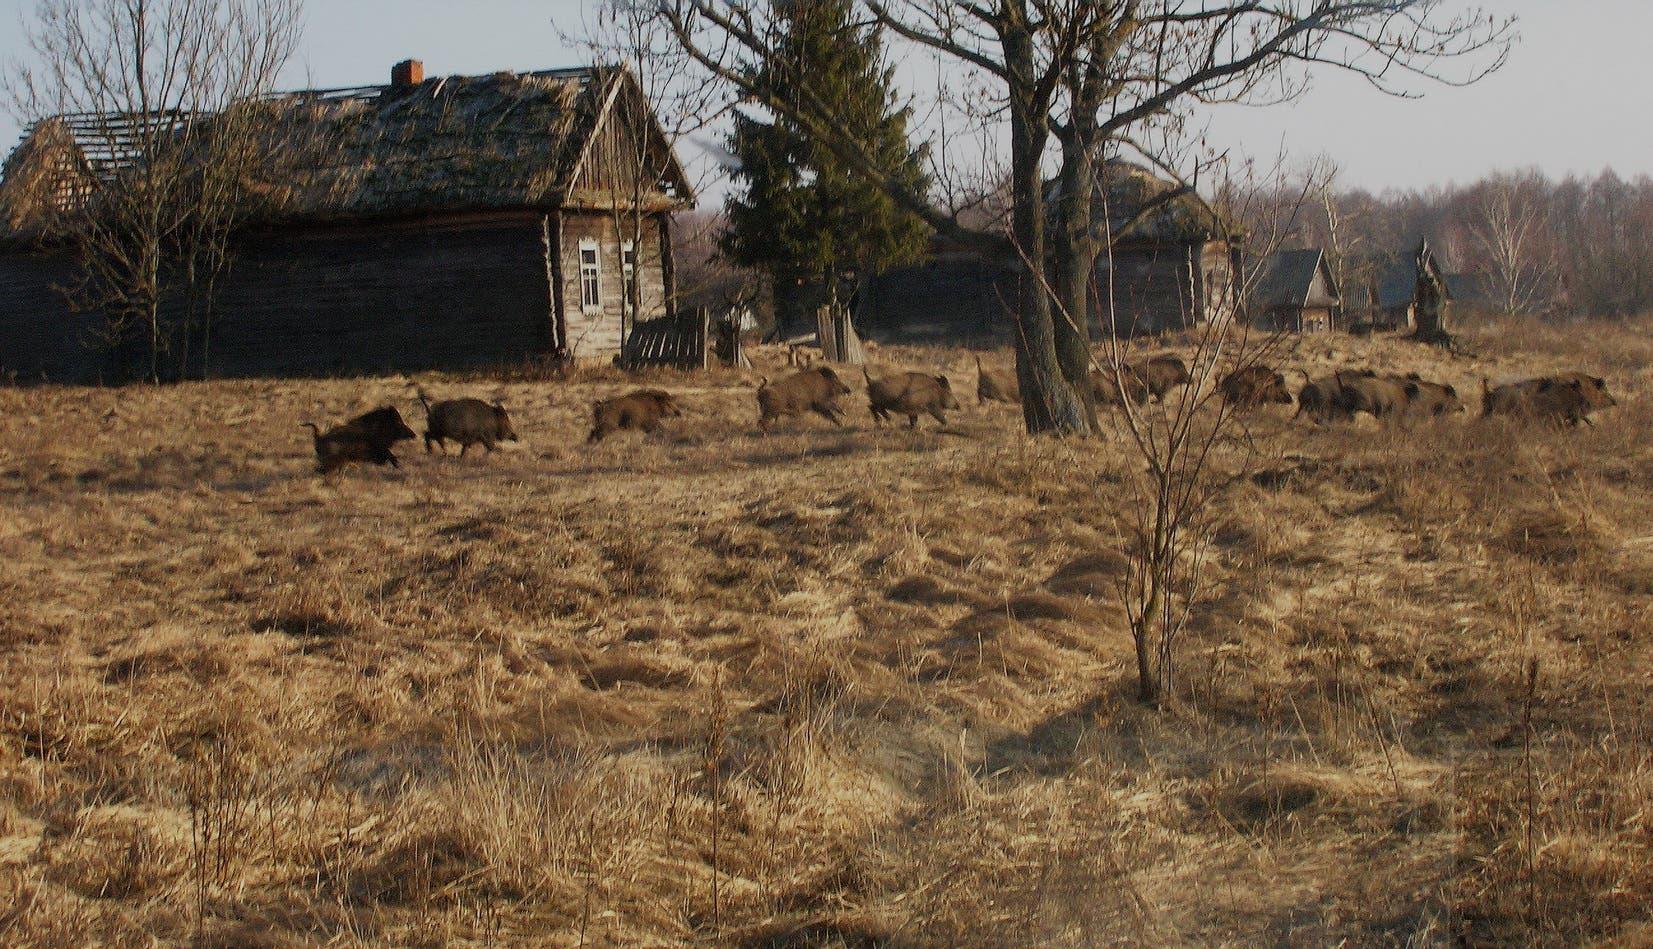 Eine Rotte Wildschweine läuft über brach gefallenes Land in der Nähe von Tschernobyl.